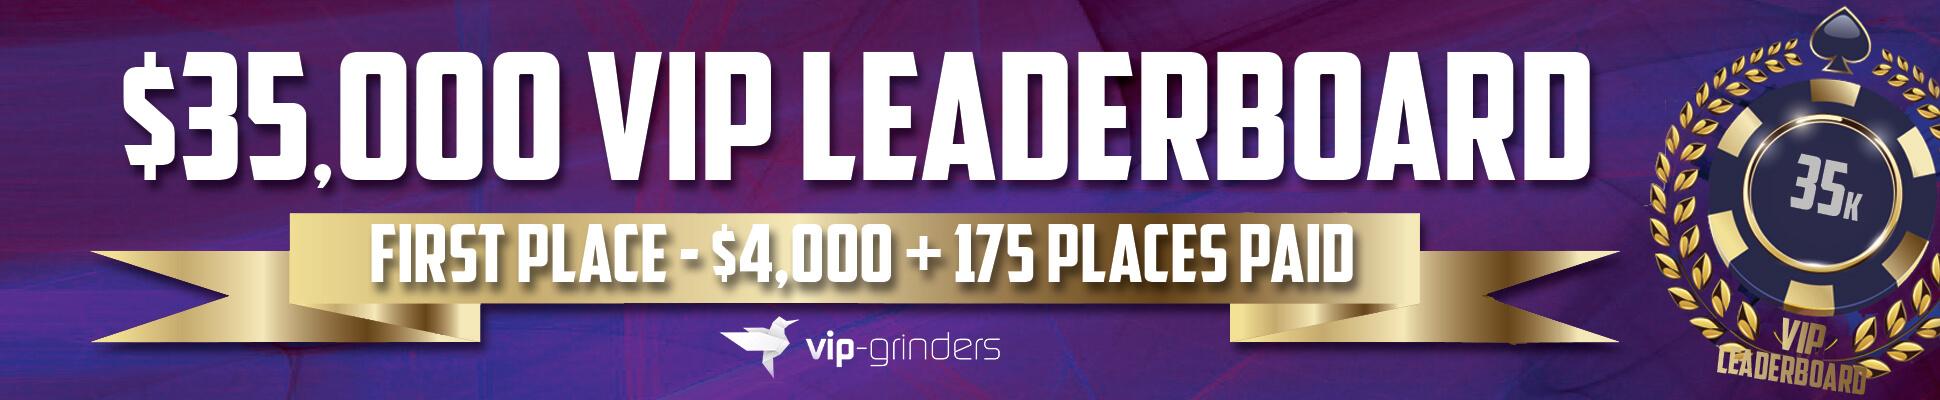 1940x400-2 42k vip leaderboard (2) 22 2